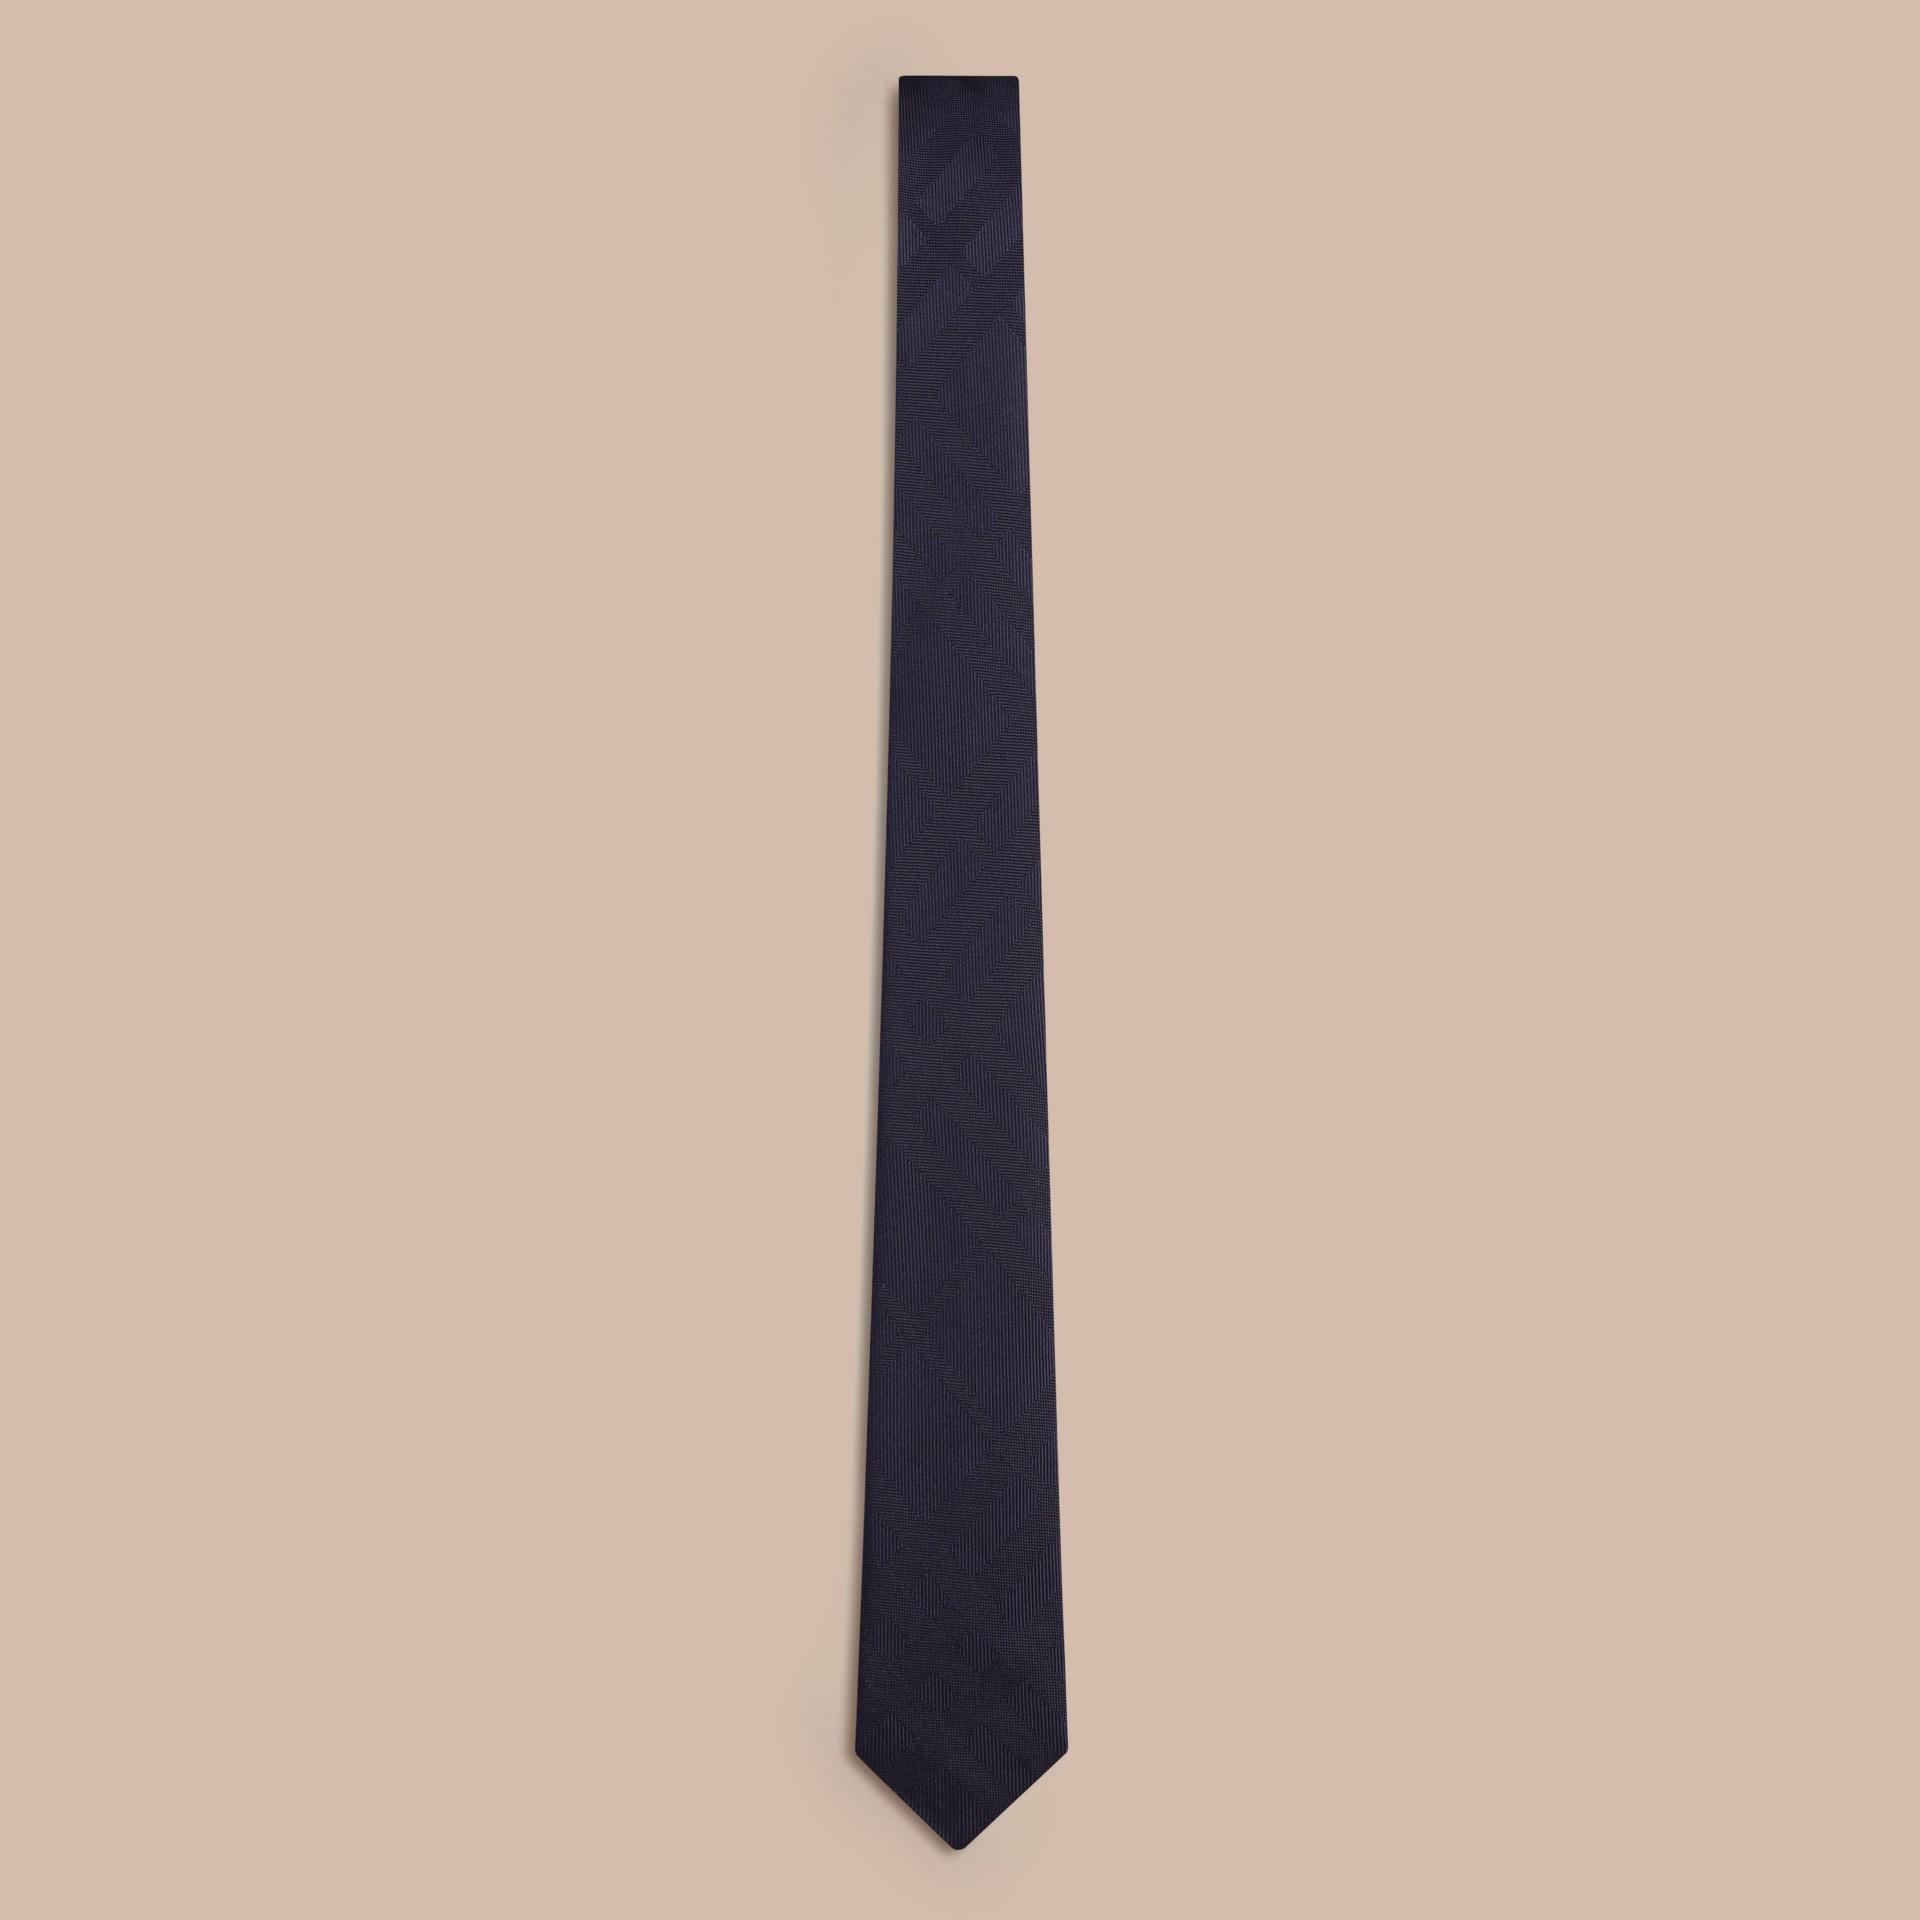 Navy Cravatta dal taglio sottile in seta con motivo check Navy - immagine della galleria 1